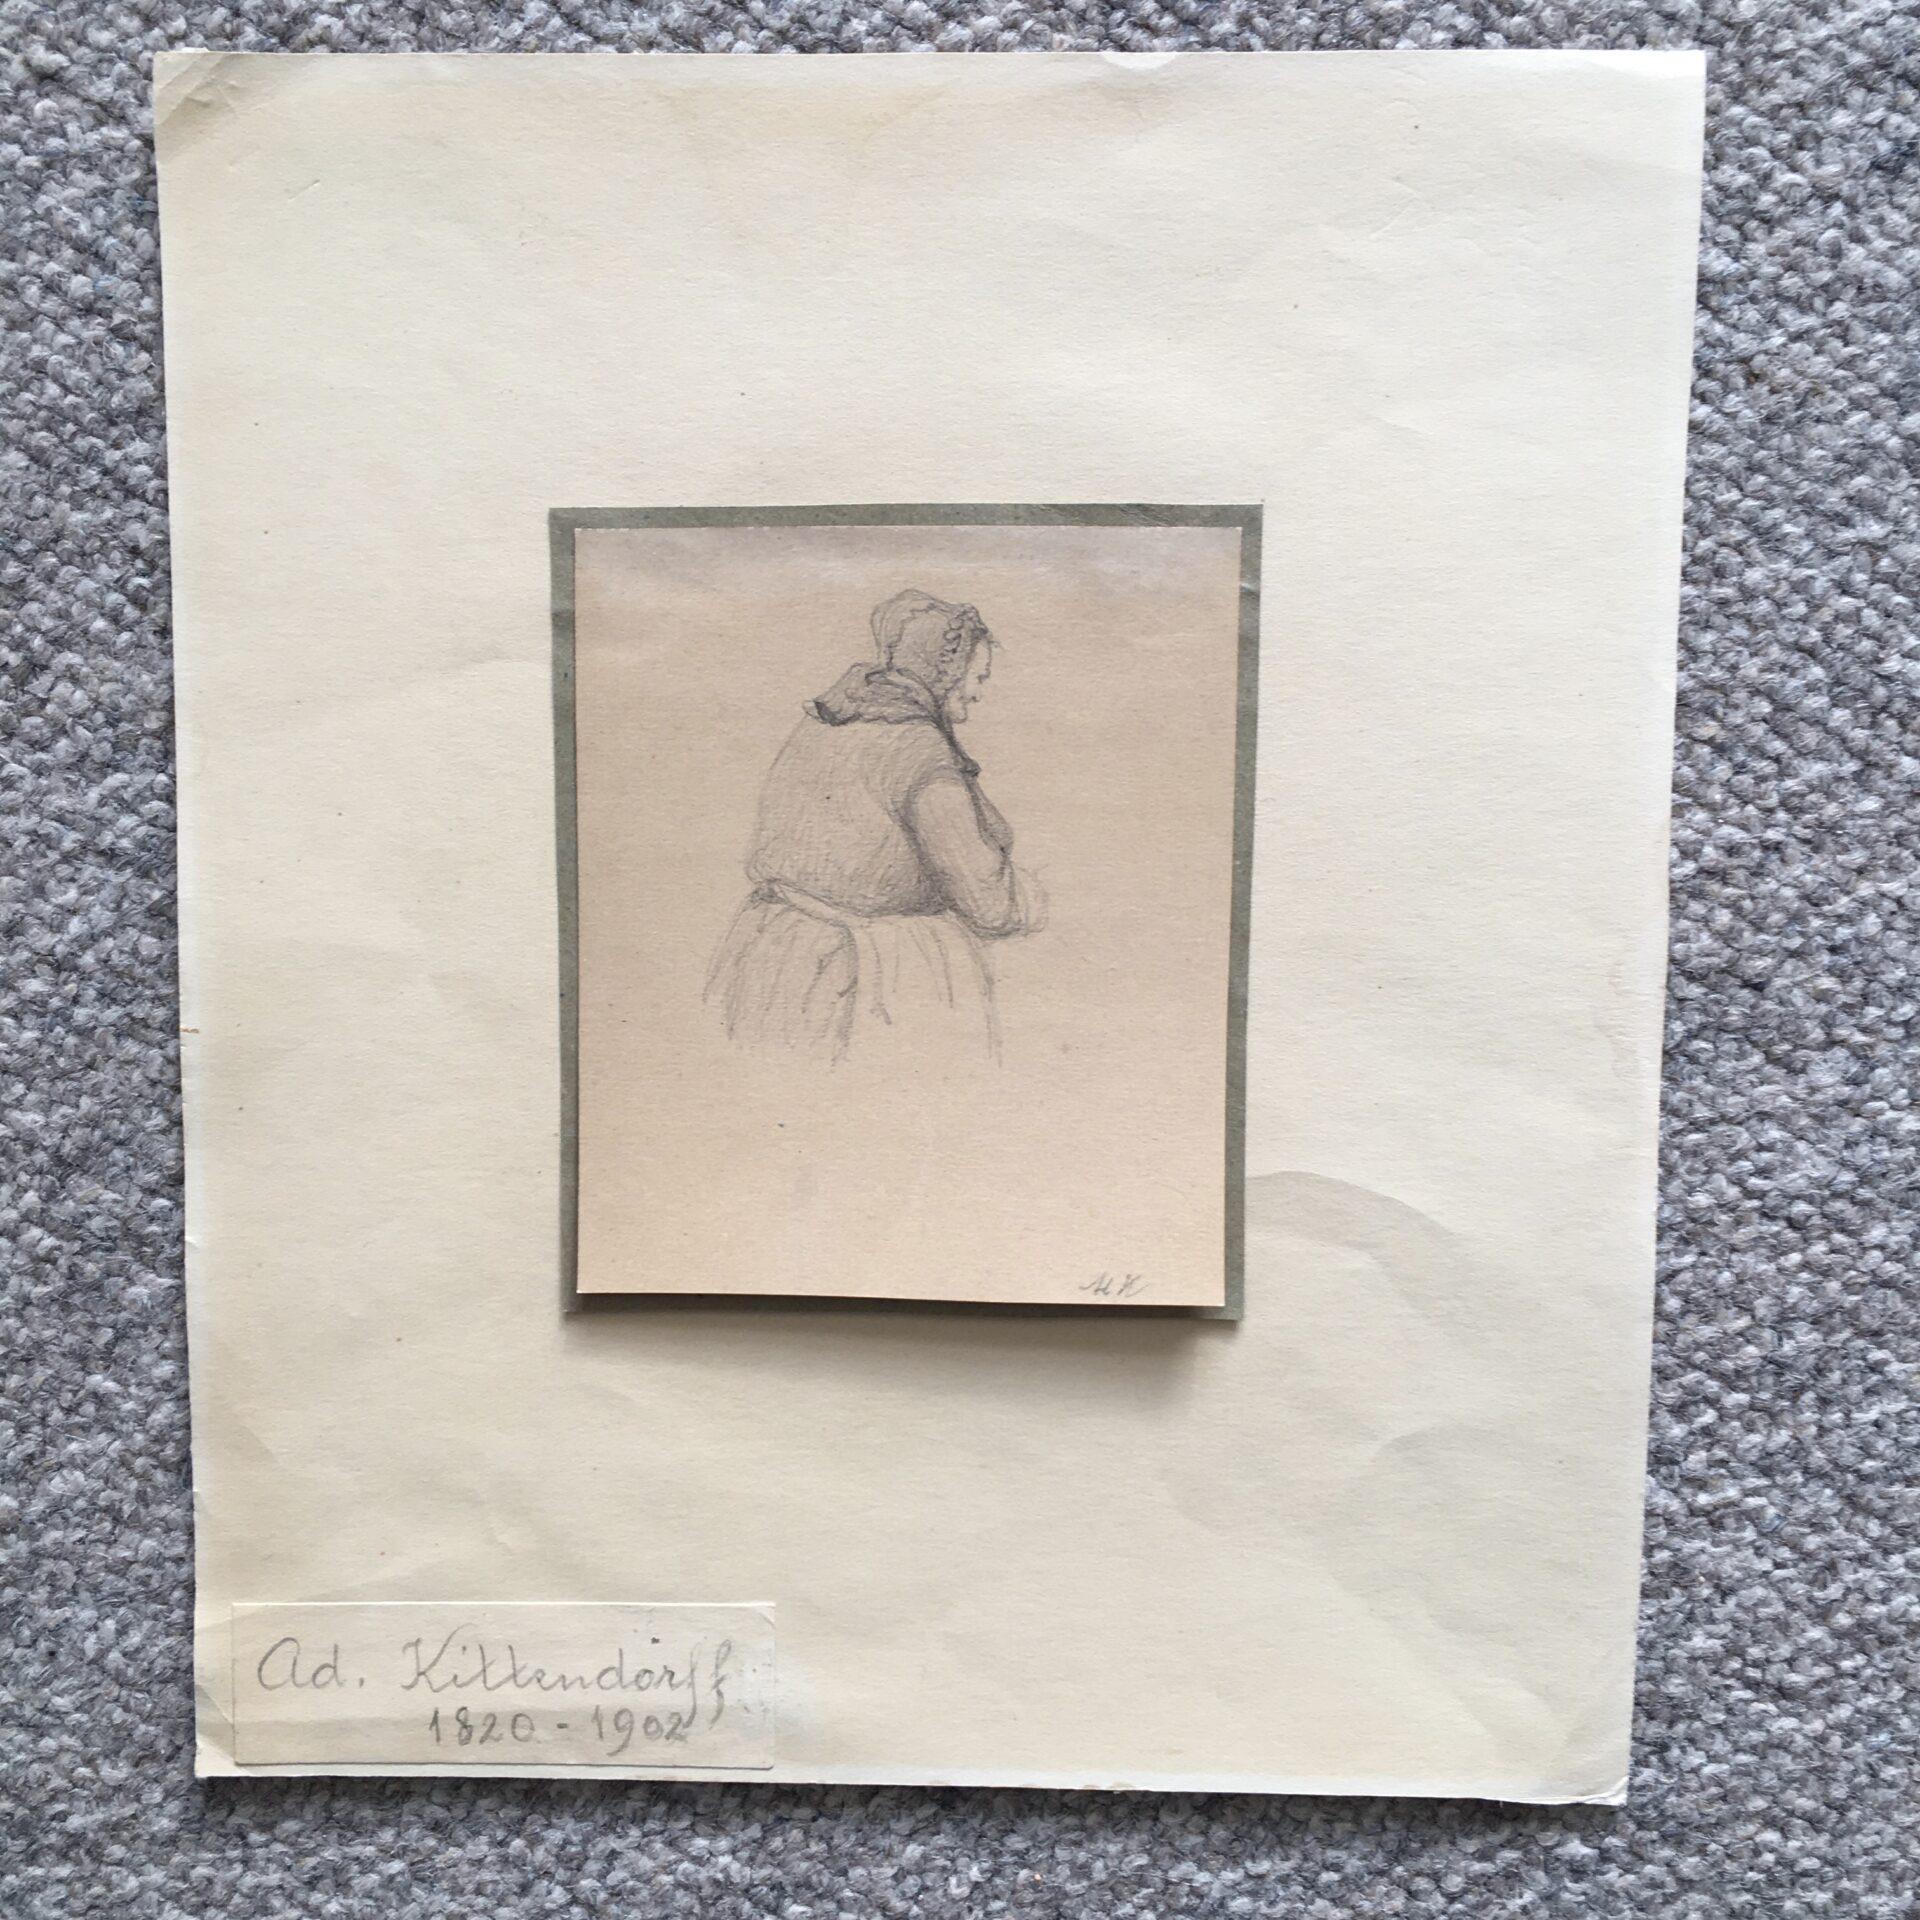 Lille tegning, signeret Adolph Kittenforff, monteret på pap (26x22 cm). pris 300kr